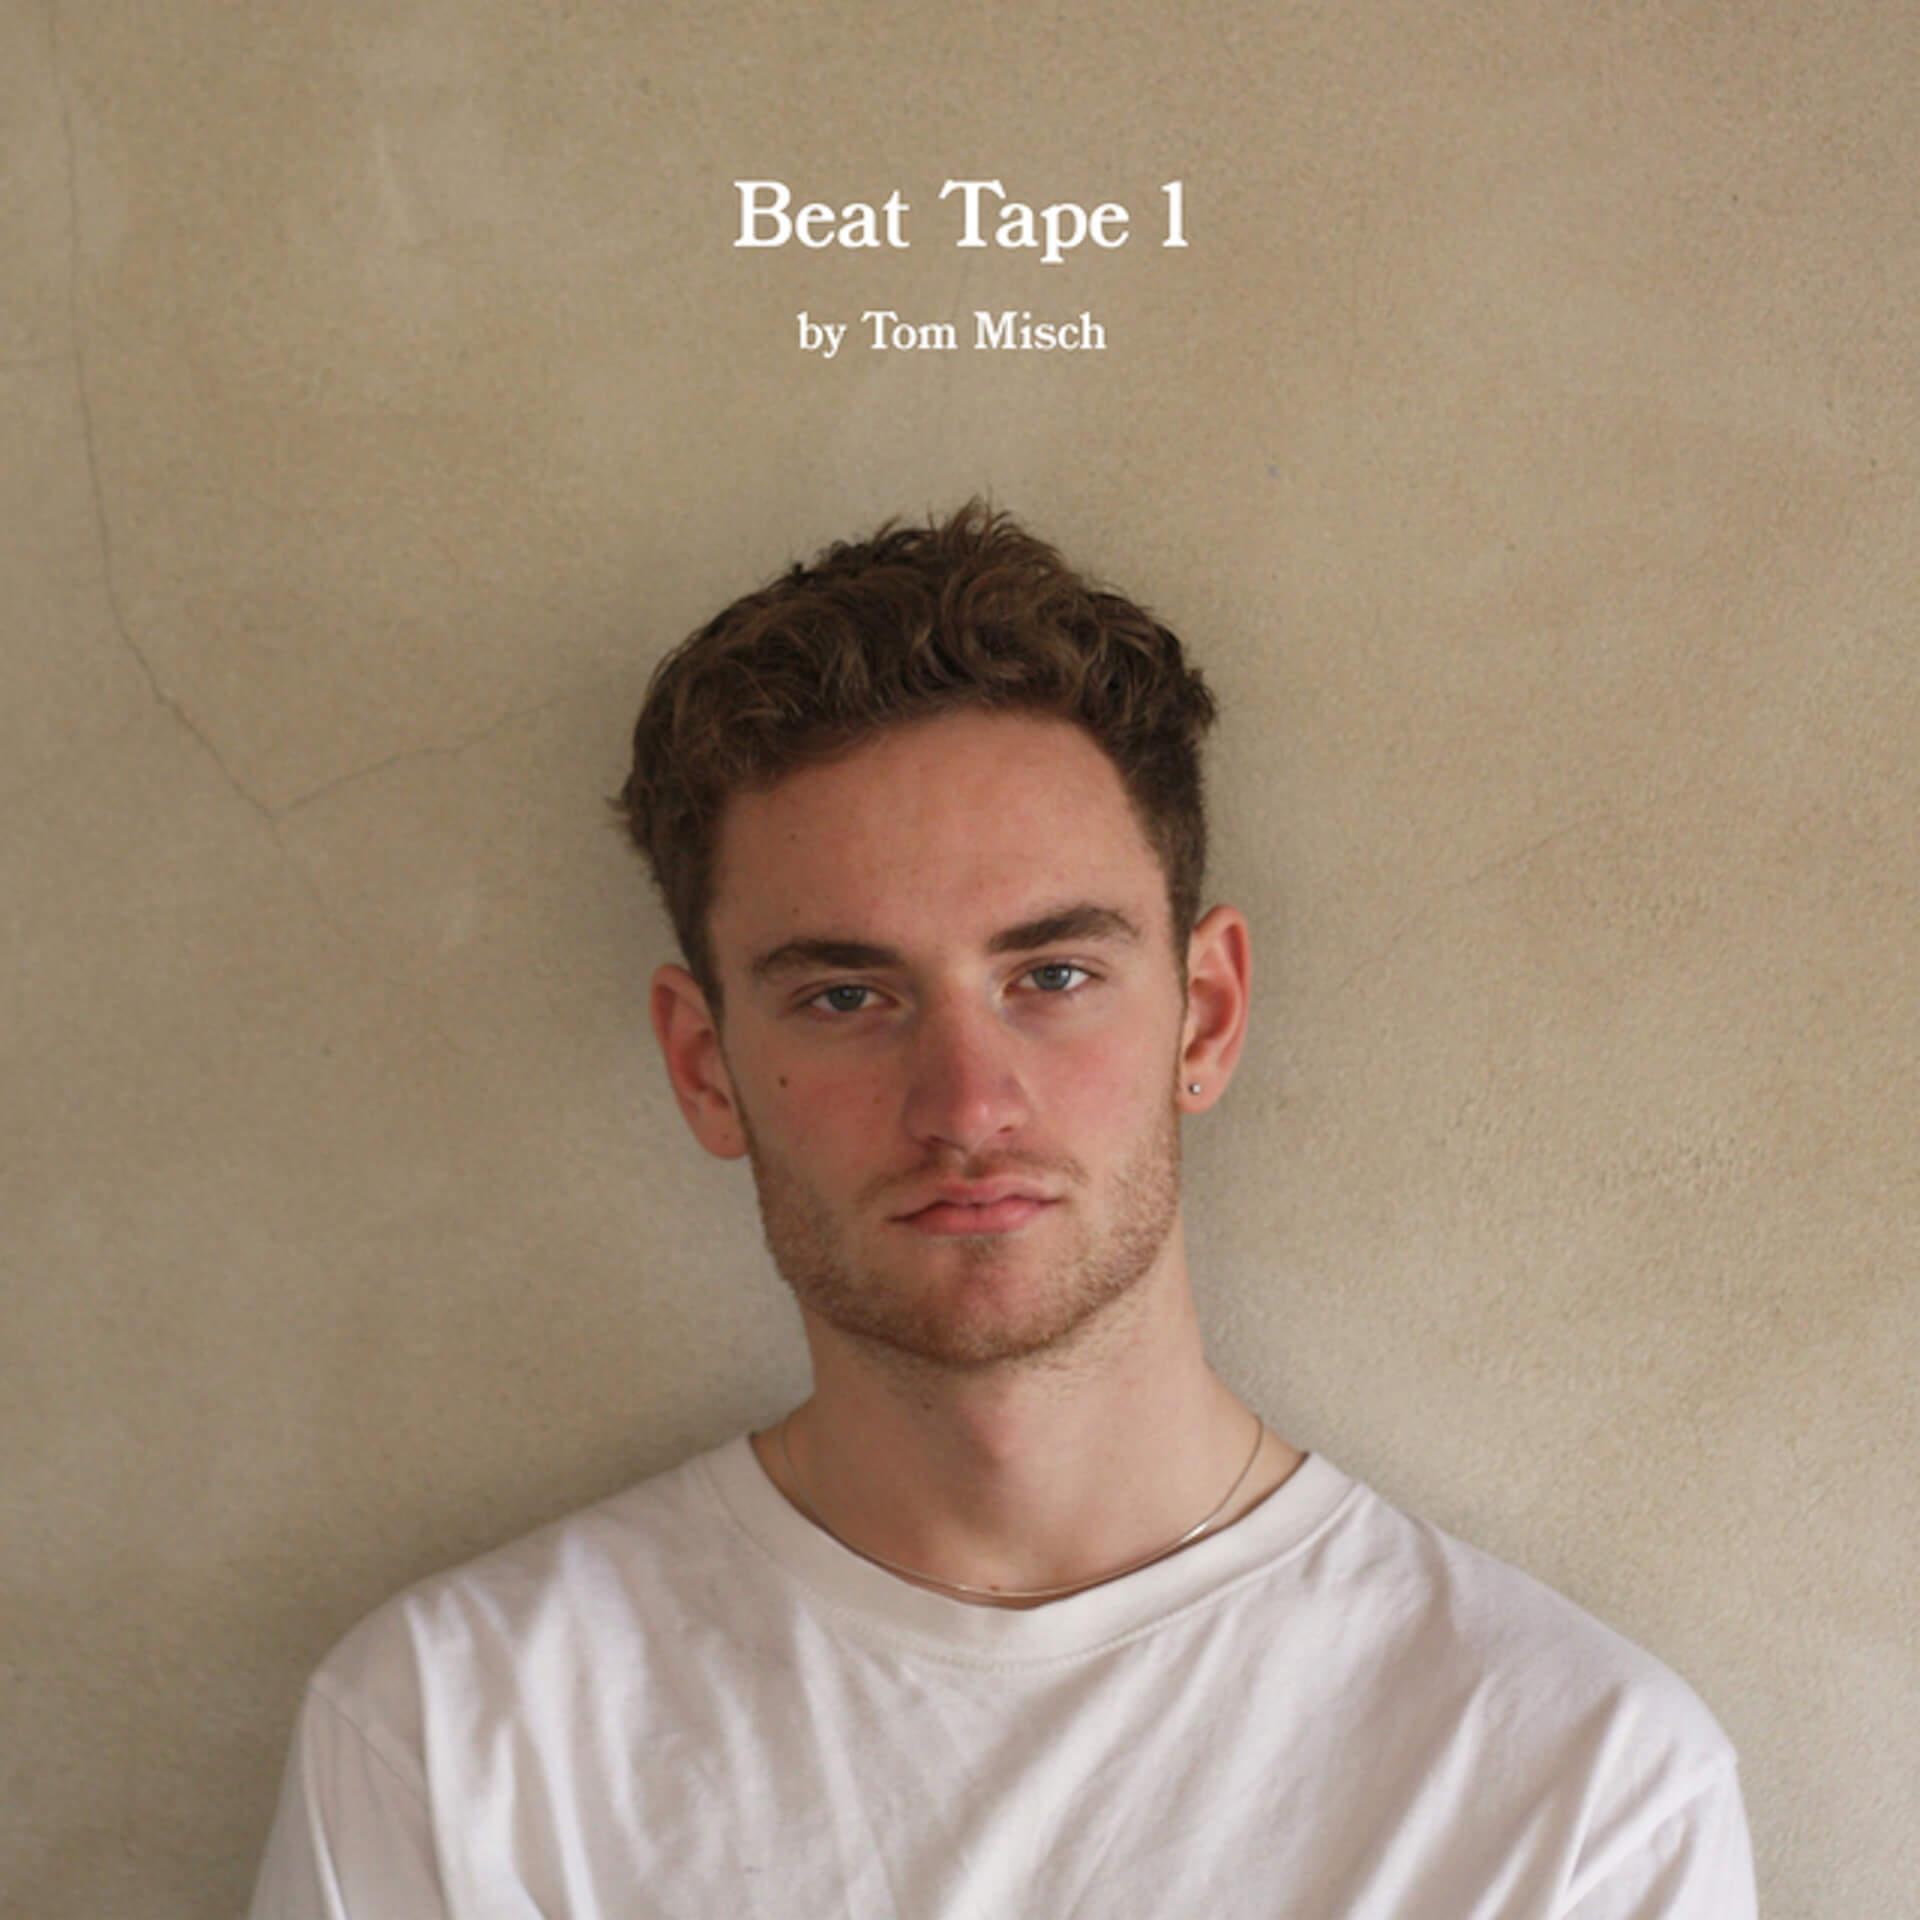 トム・ミッシュ、19歳当時の作品『BEAT TAPE 1』に未発表音源「Marrakech」を追加収録し、本日デジタルリリース music_191220_tommisch2